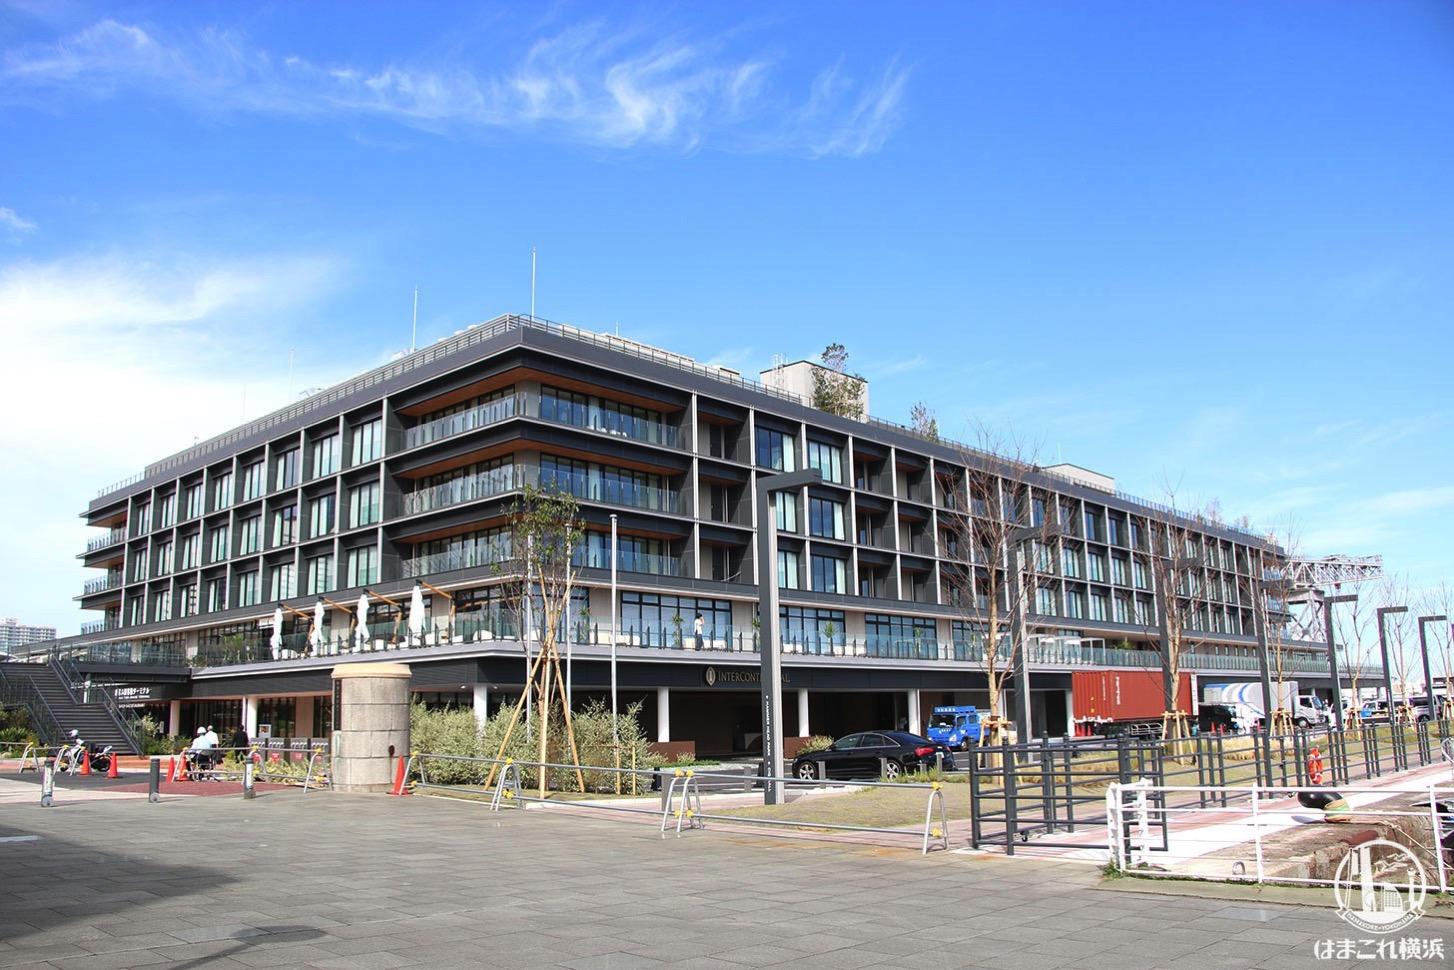 横浜ハンマーヘッド、臨時休業期間延長 一部店舗デリバリー実施